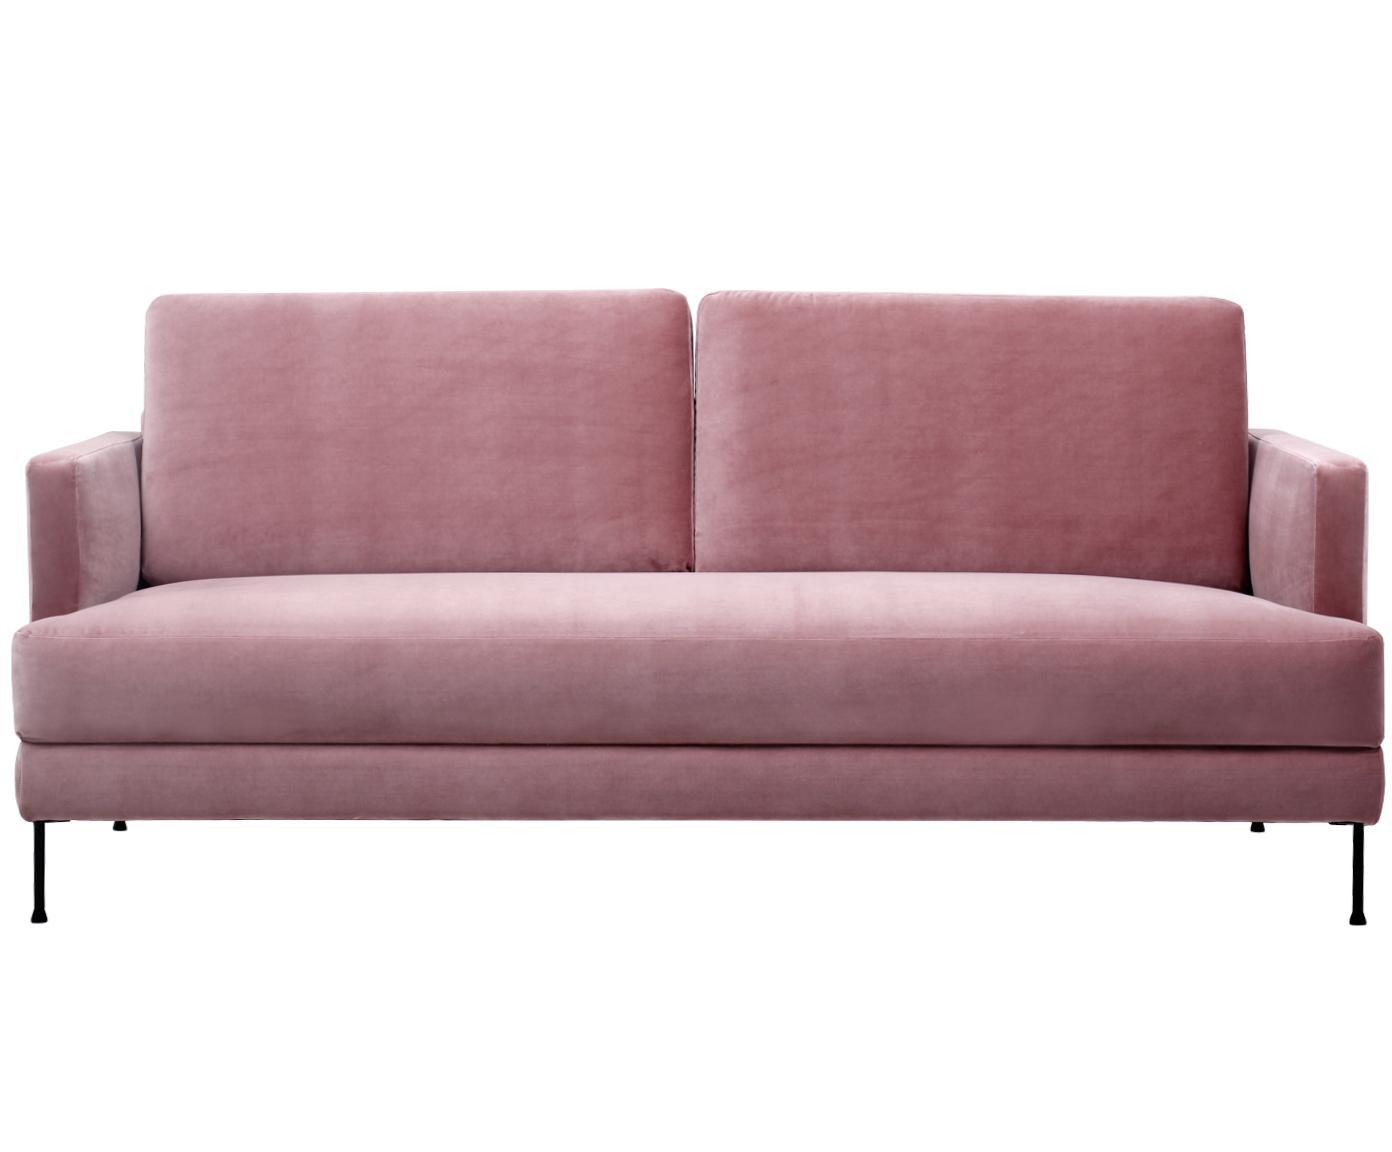 Sofa z aksamitu Fluente (3-osobowa), Tapicerka: aksamit (wysokiej jakości, Stelaż: lite drewno sosnowe, Nogi: metal lakierowany, Aksamitny blady różowy, S 197 x G 83 cm